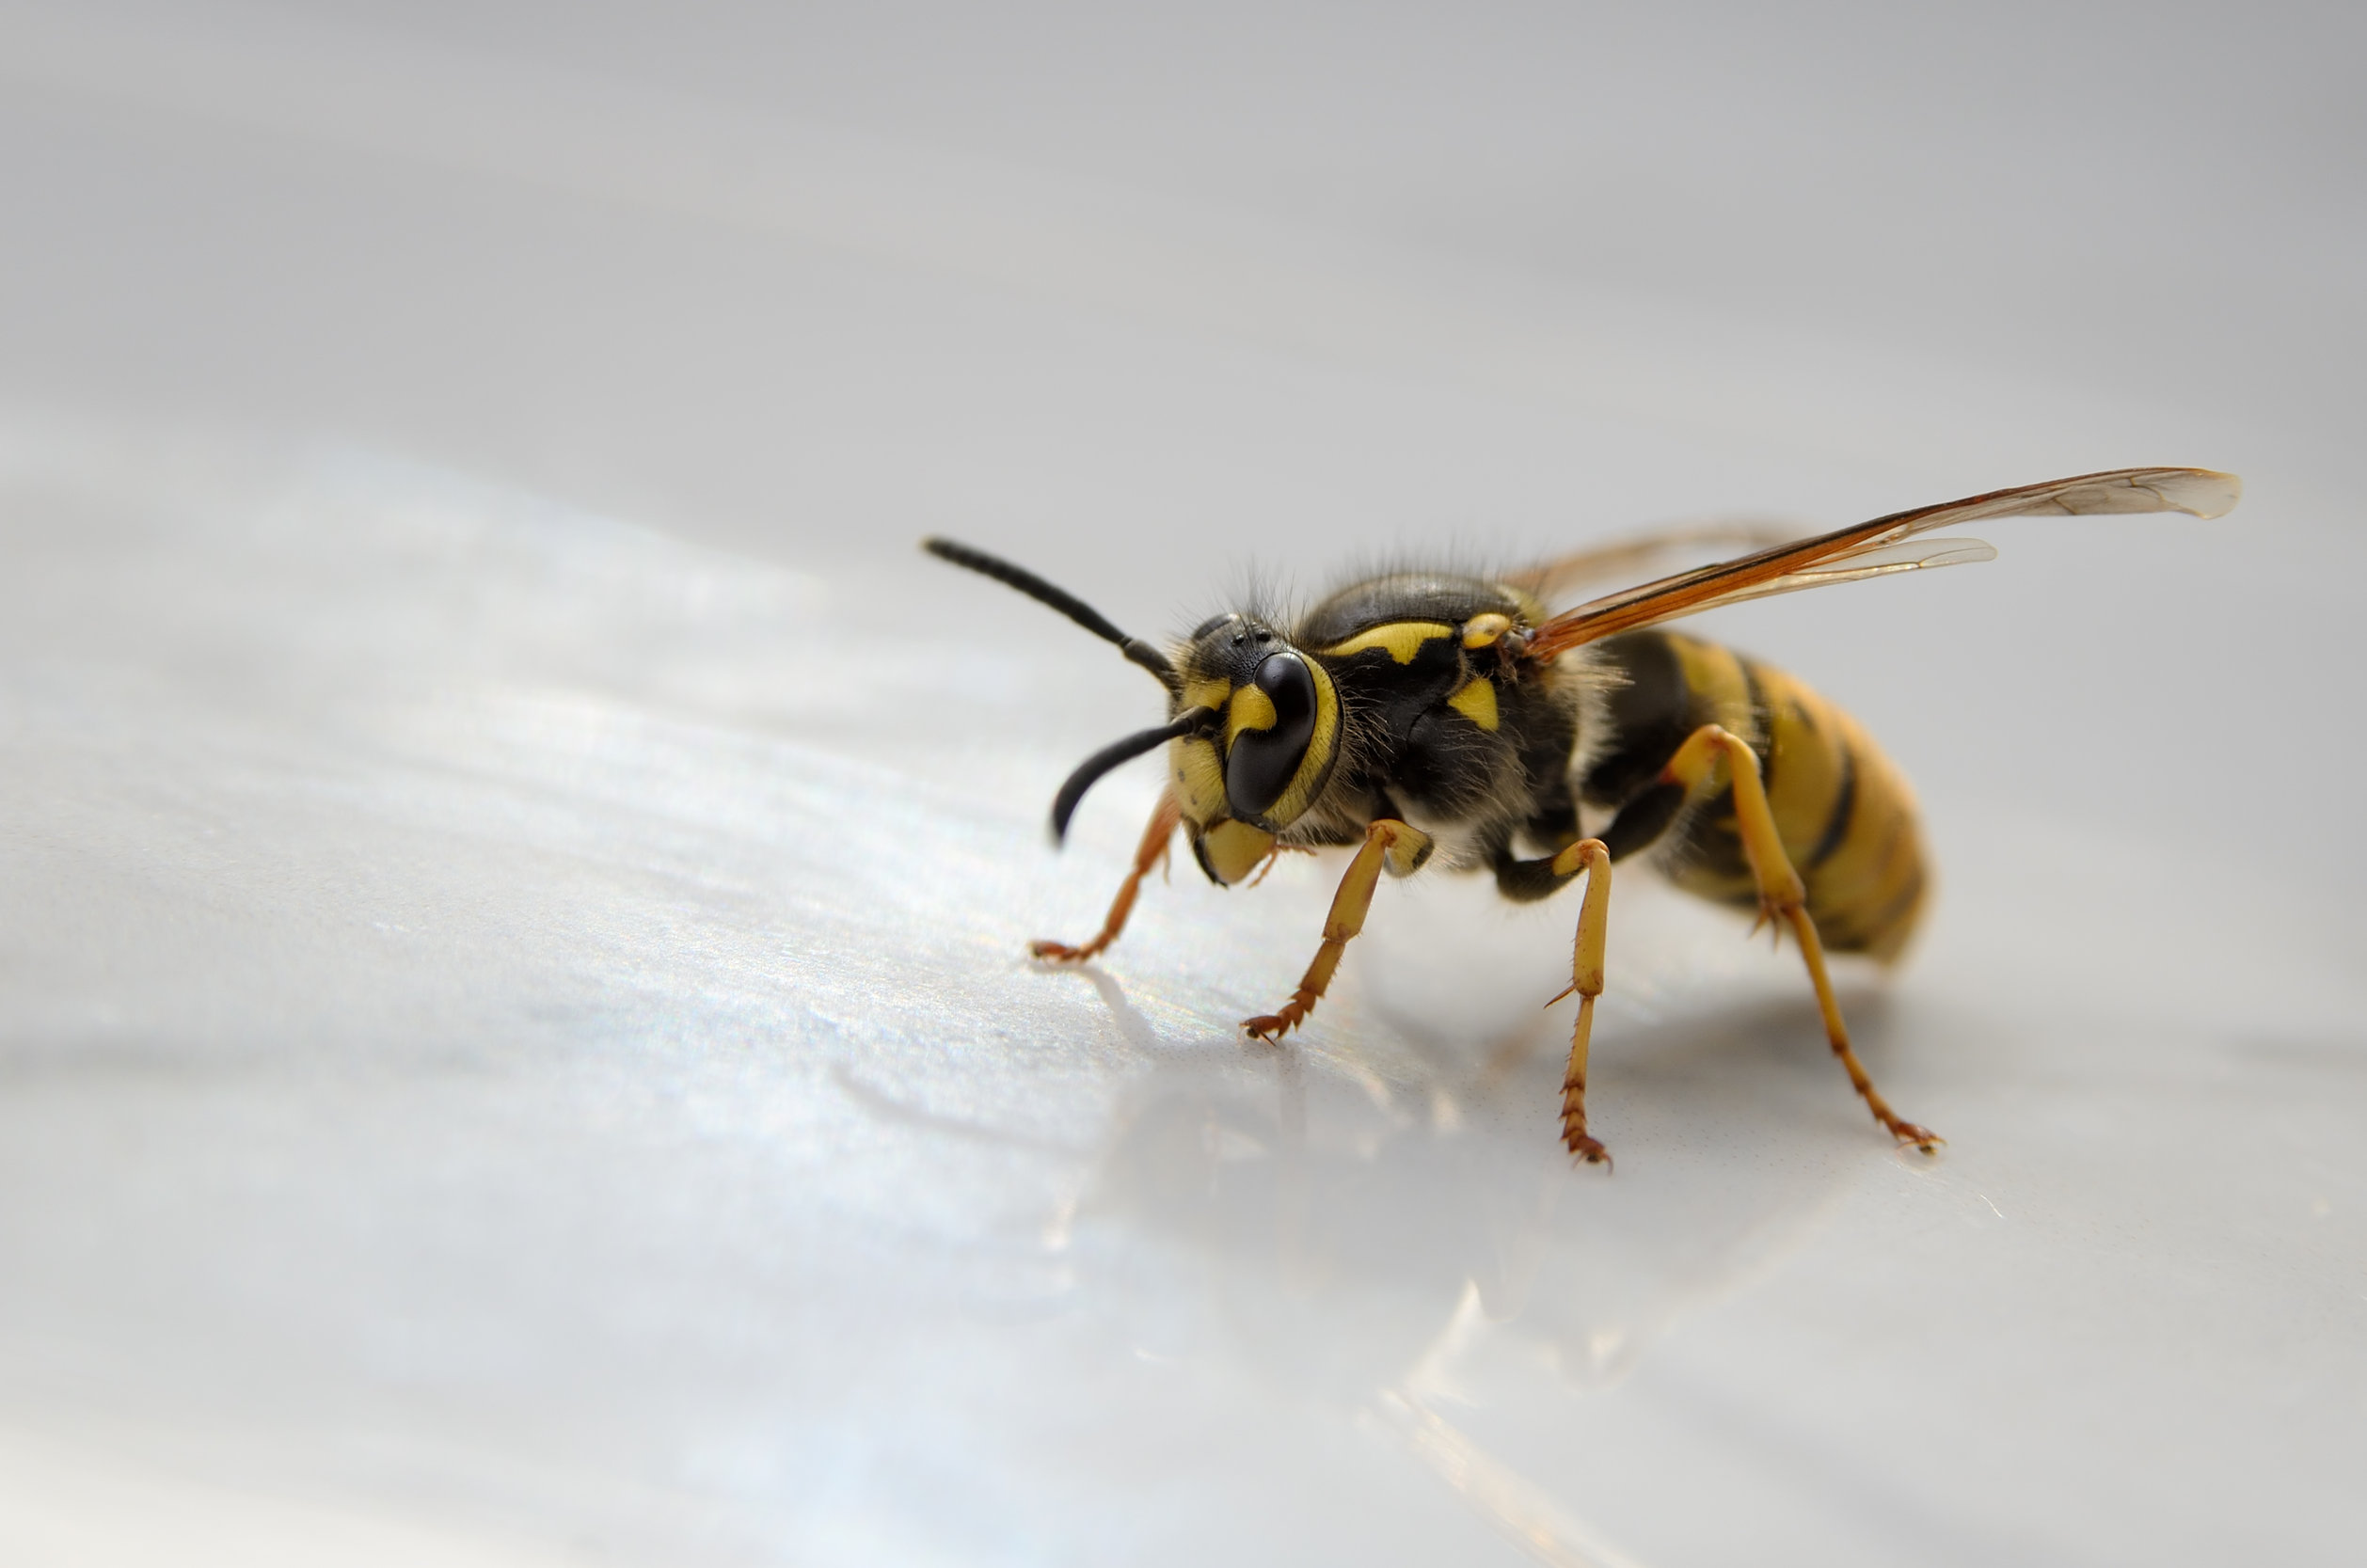 Big wasp isolated on white background